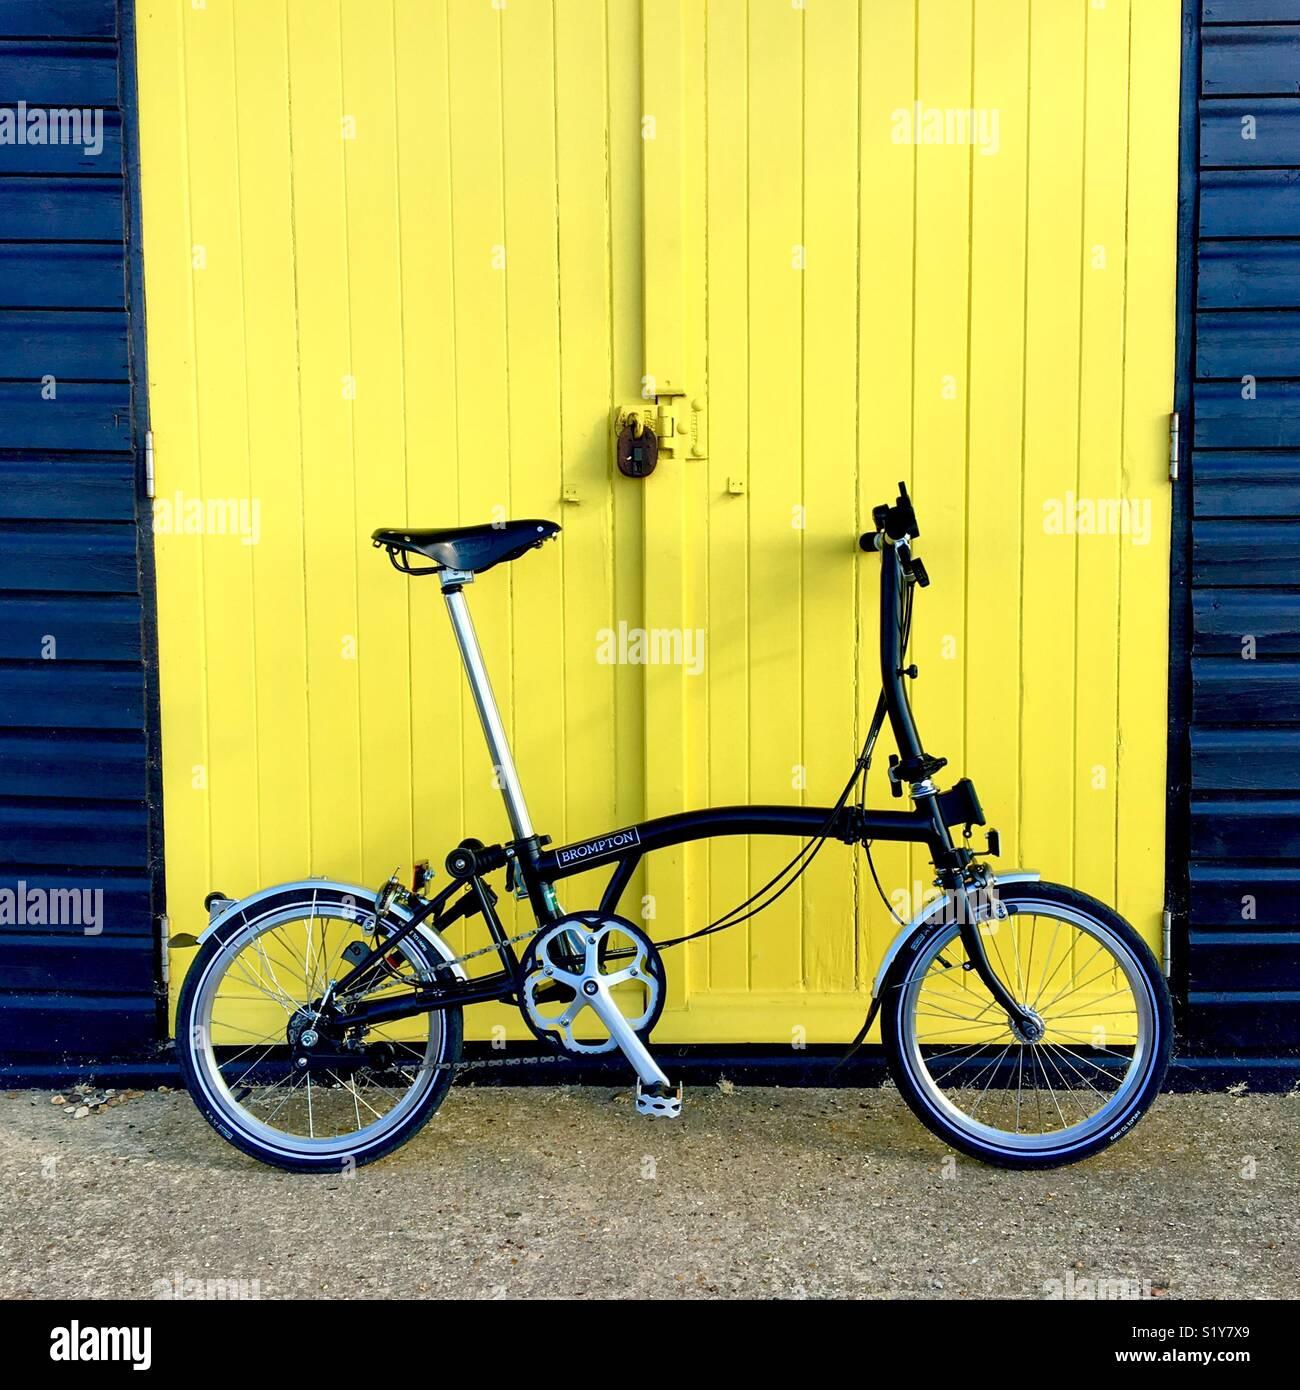 Un negro Brompton bicicleta apoyada contra una cabaña en la playa puerta pintadas en amarillo. Imagen De Stock